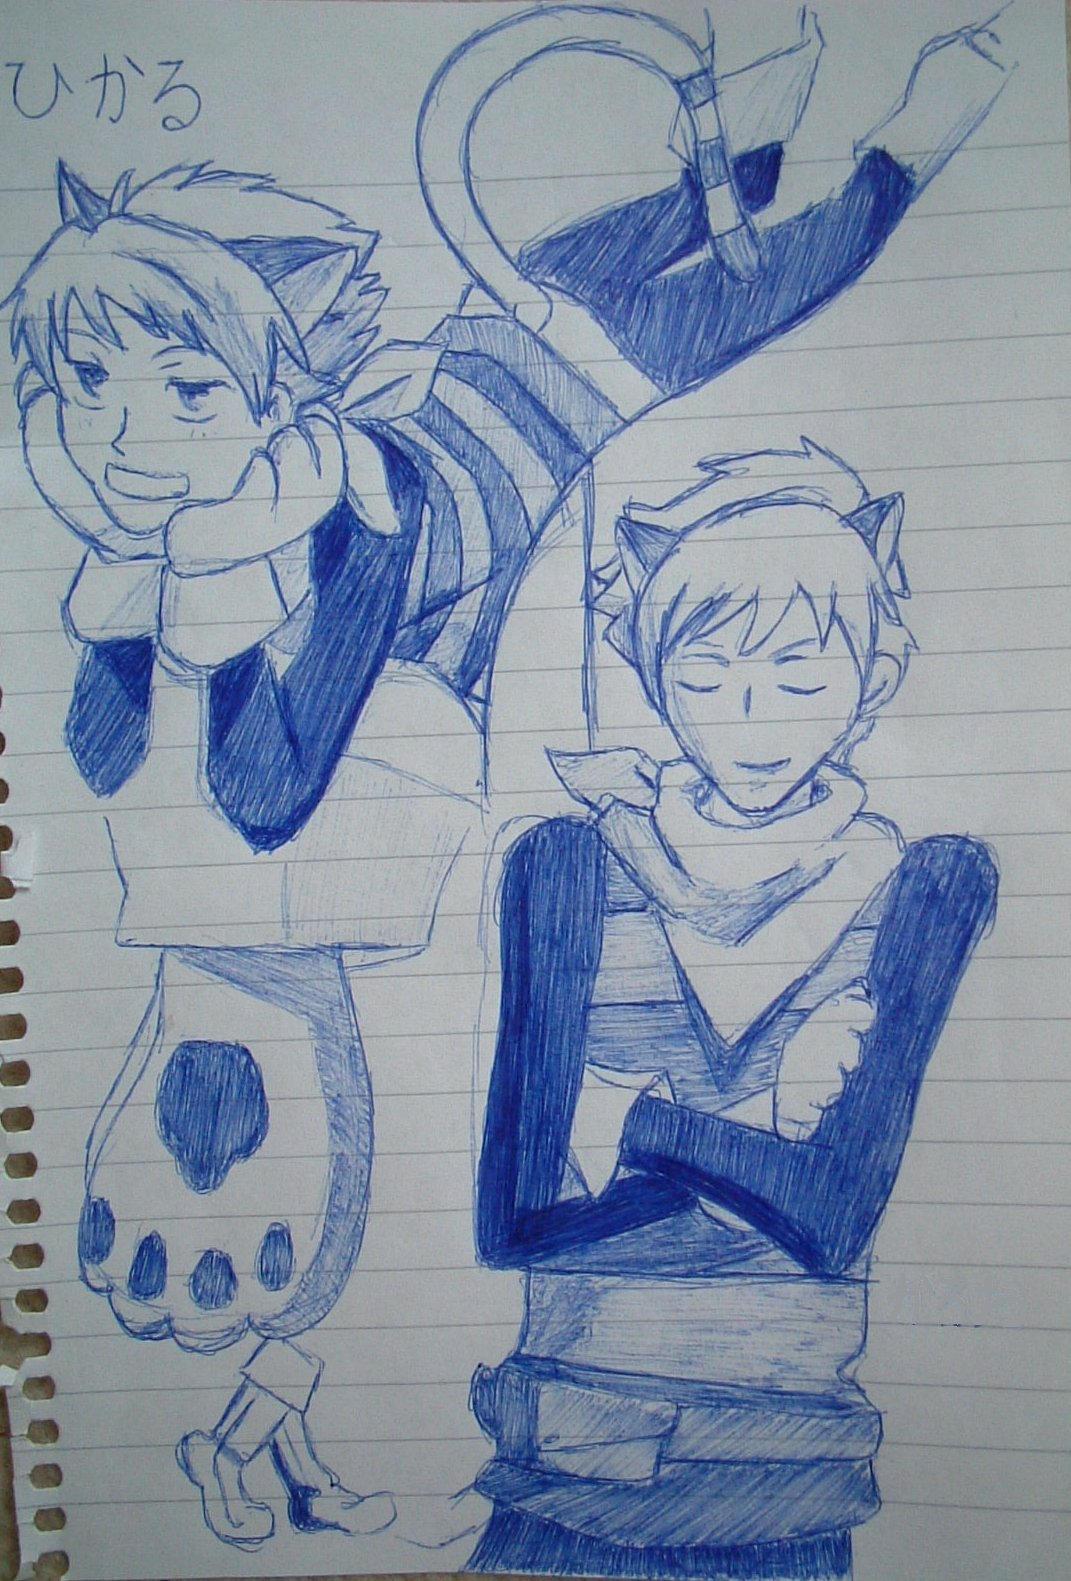 Hikaru and Kaoru by Little-dingo